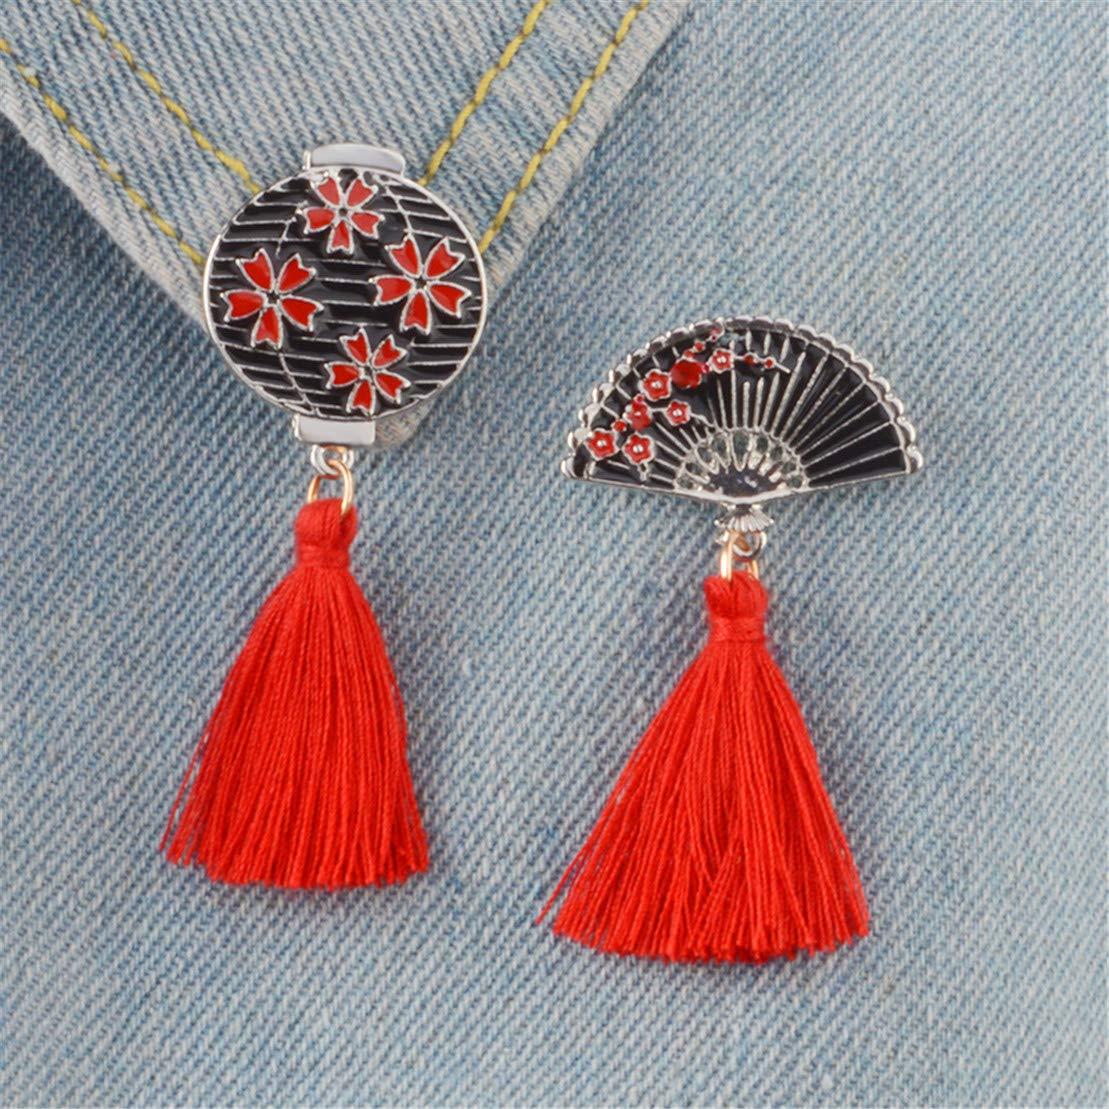 Fan Kissherely Japanische Traditionelle Sakura Kirschbl/üte Broschen Abzeichen Anstecknadeln Frauen Rucksack Kleidung Zubeh/ör